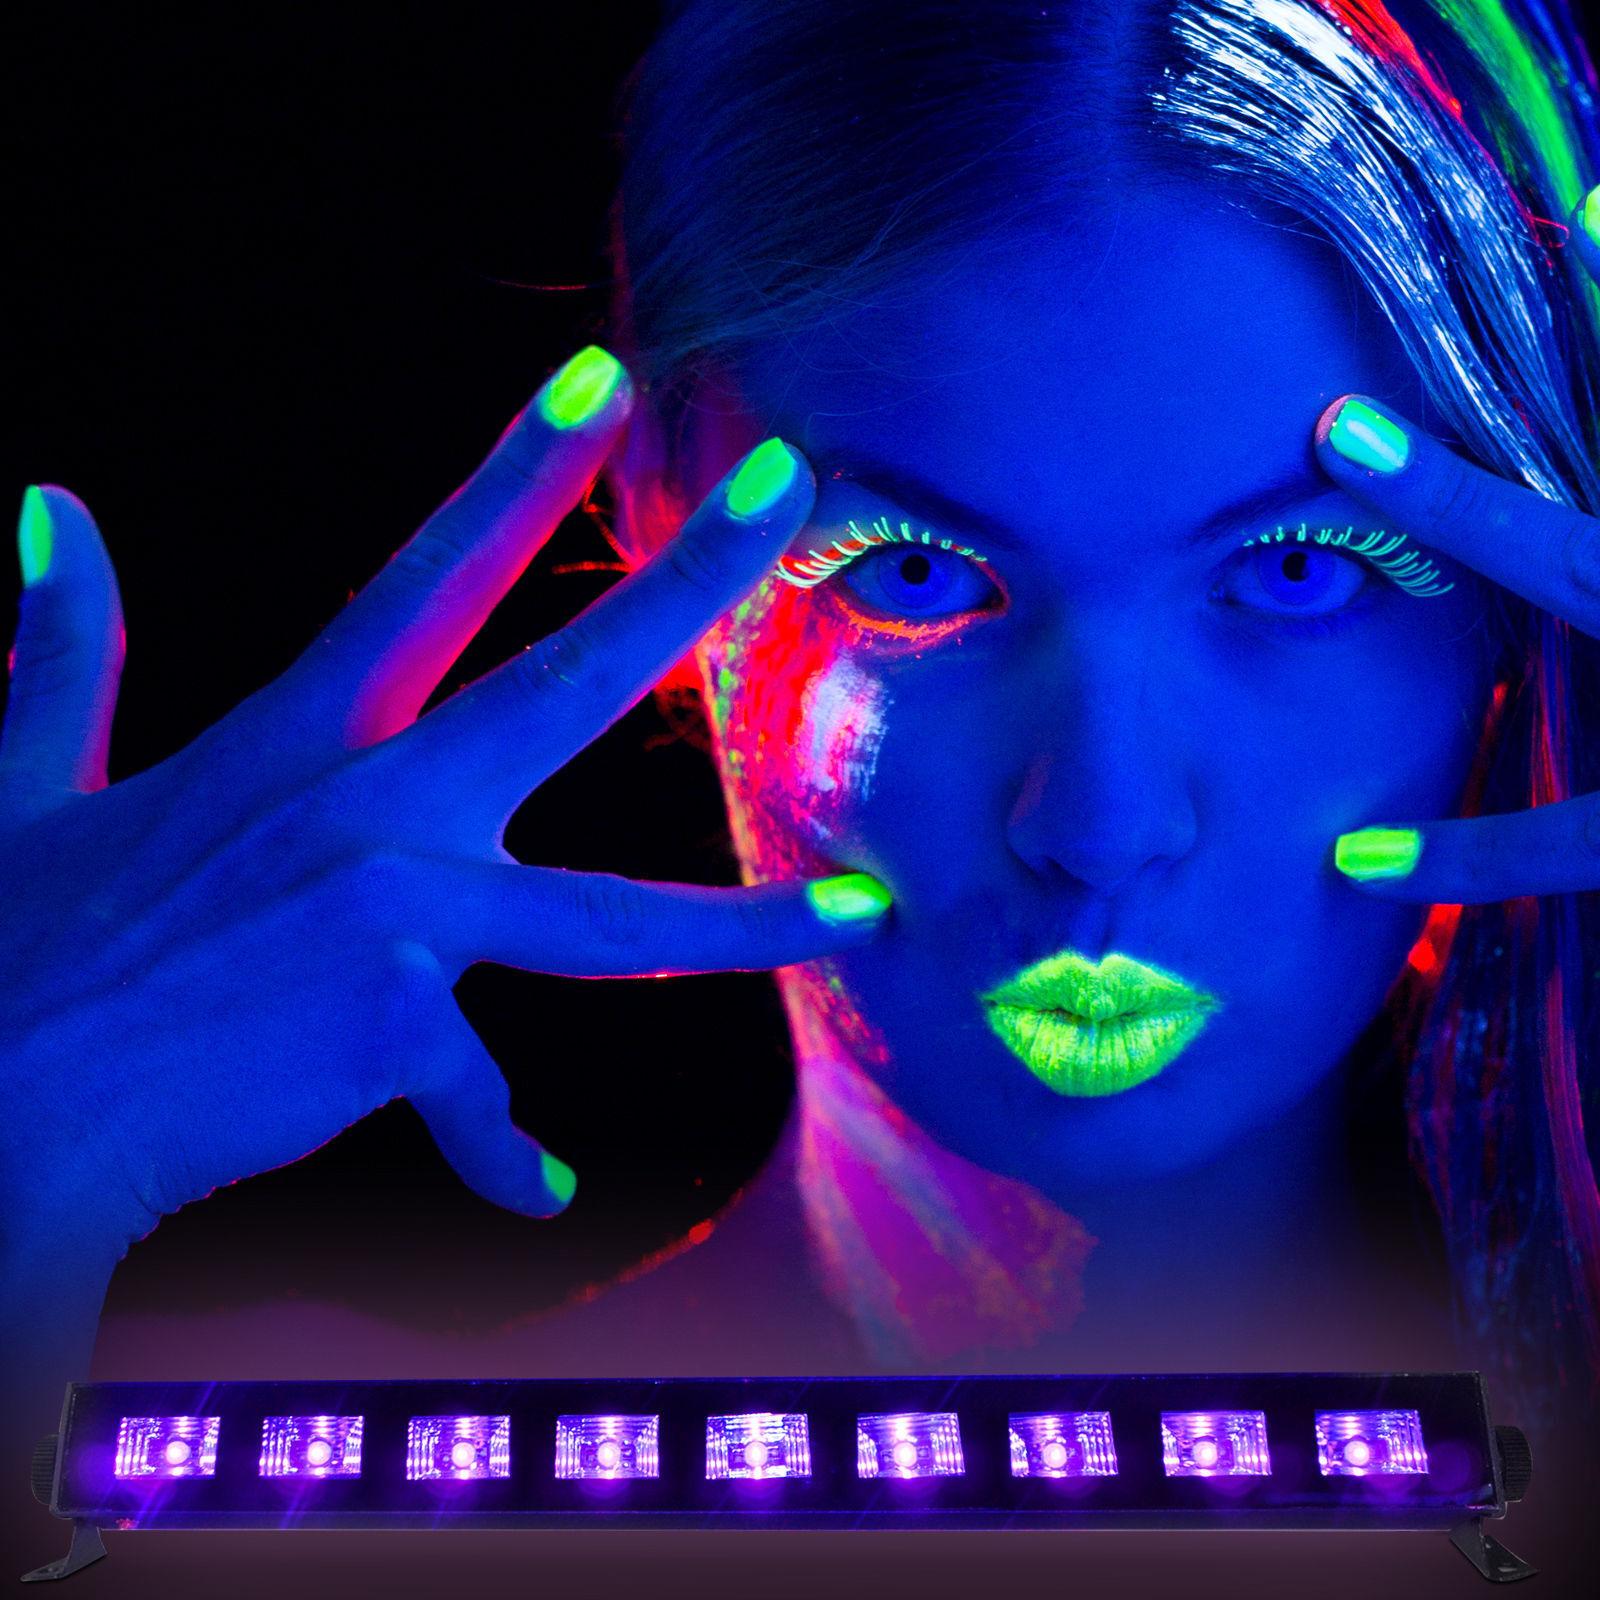 IBIZA Light LED UV-BAR 9x 3 Watt Schwarzlicht-UV LED Leiste mit ...